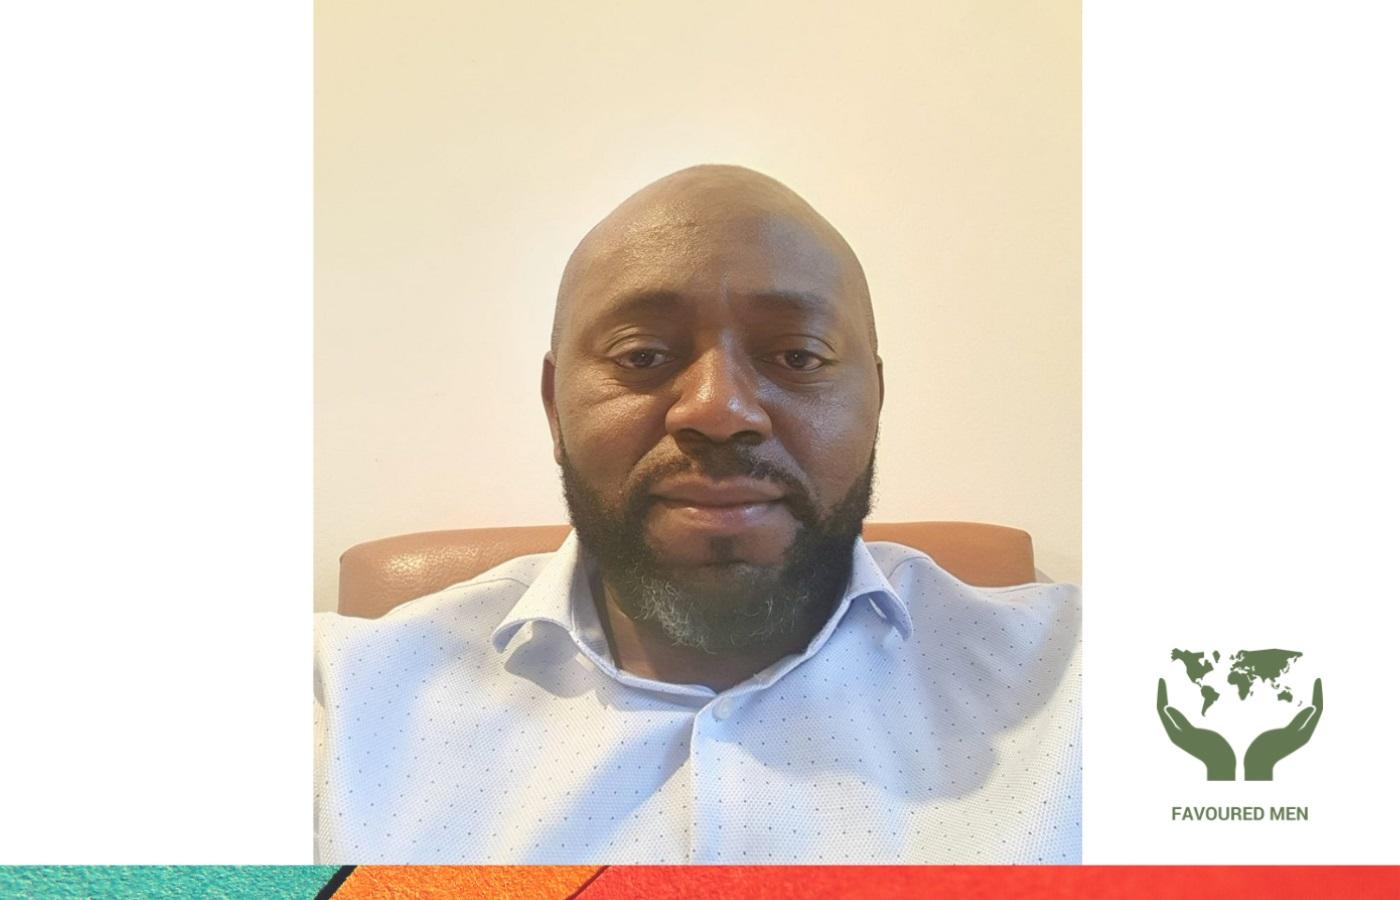 About Favoured Men ngo website NGO Afrika (Favoured Men) NGO österreich (Favoured Men) Patrick Imahia